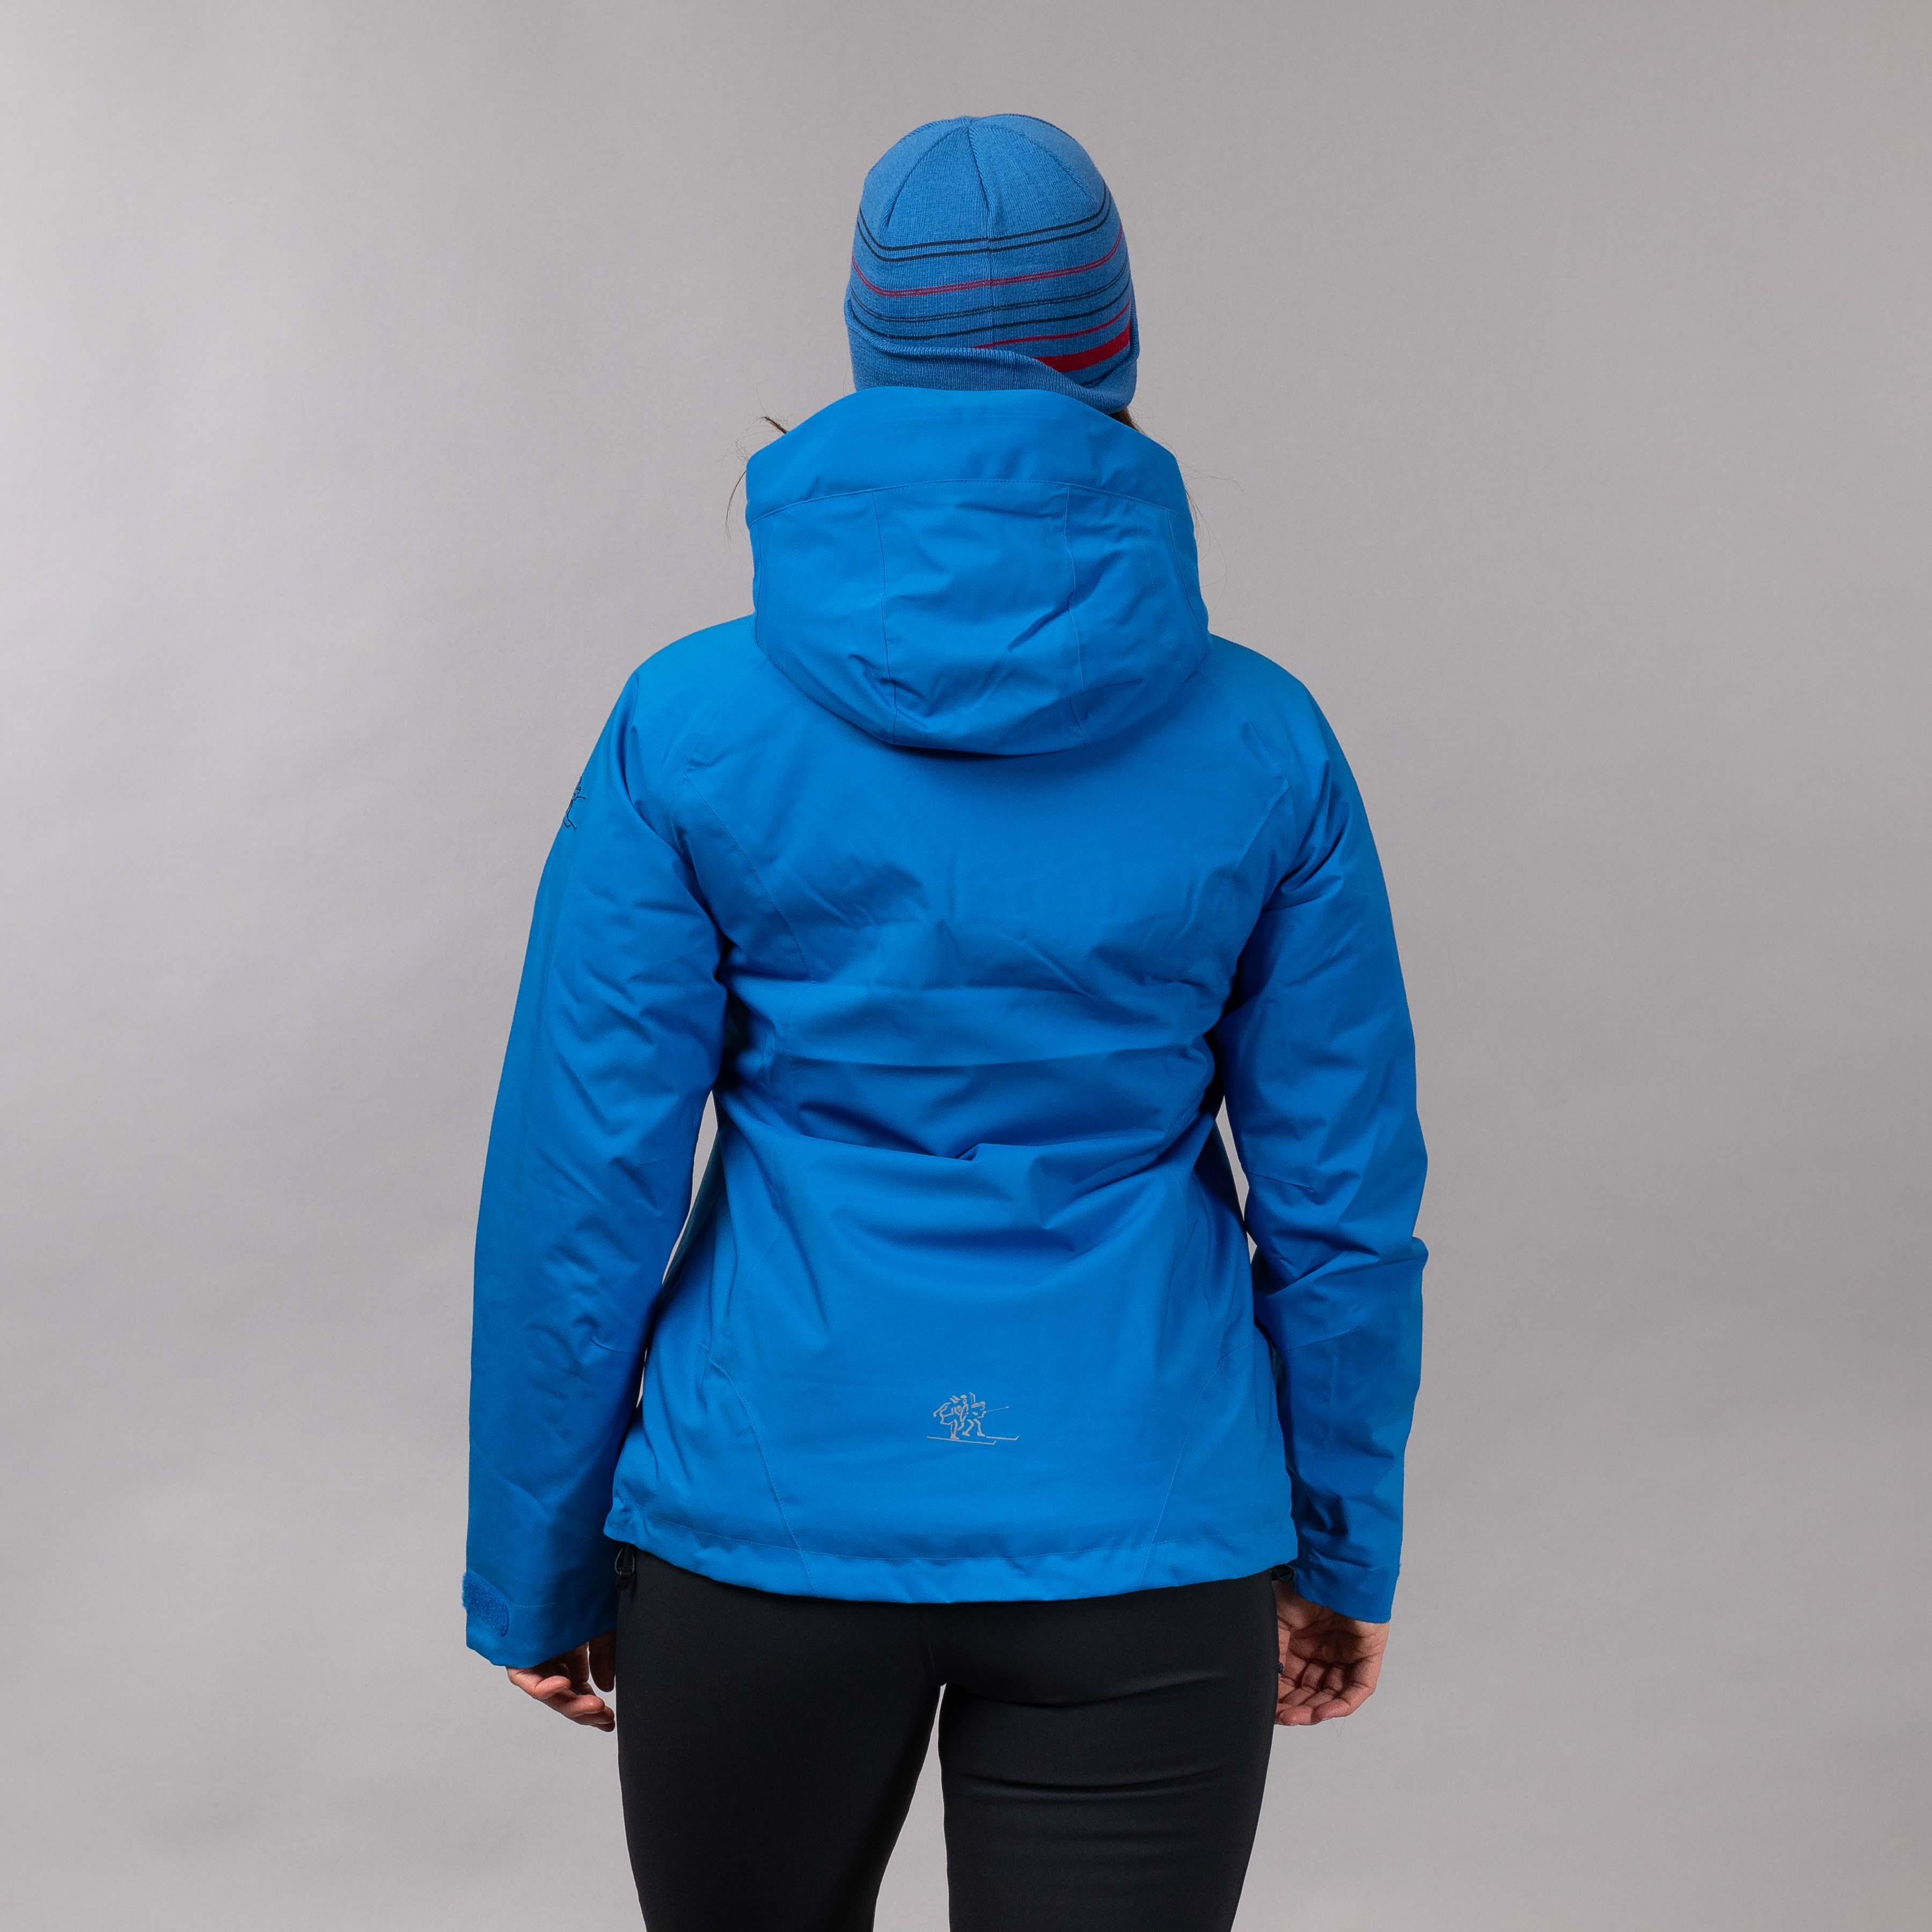 Flya Insulated Lady Jacket